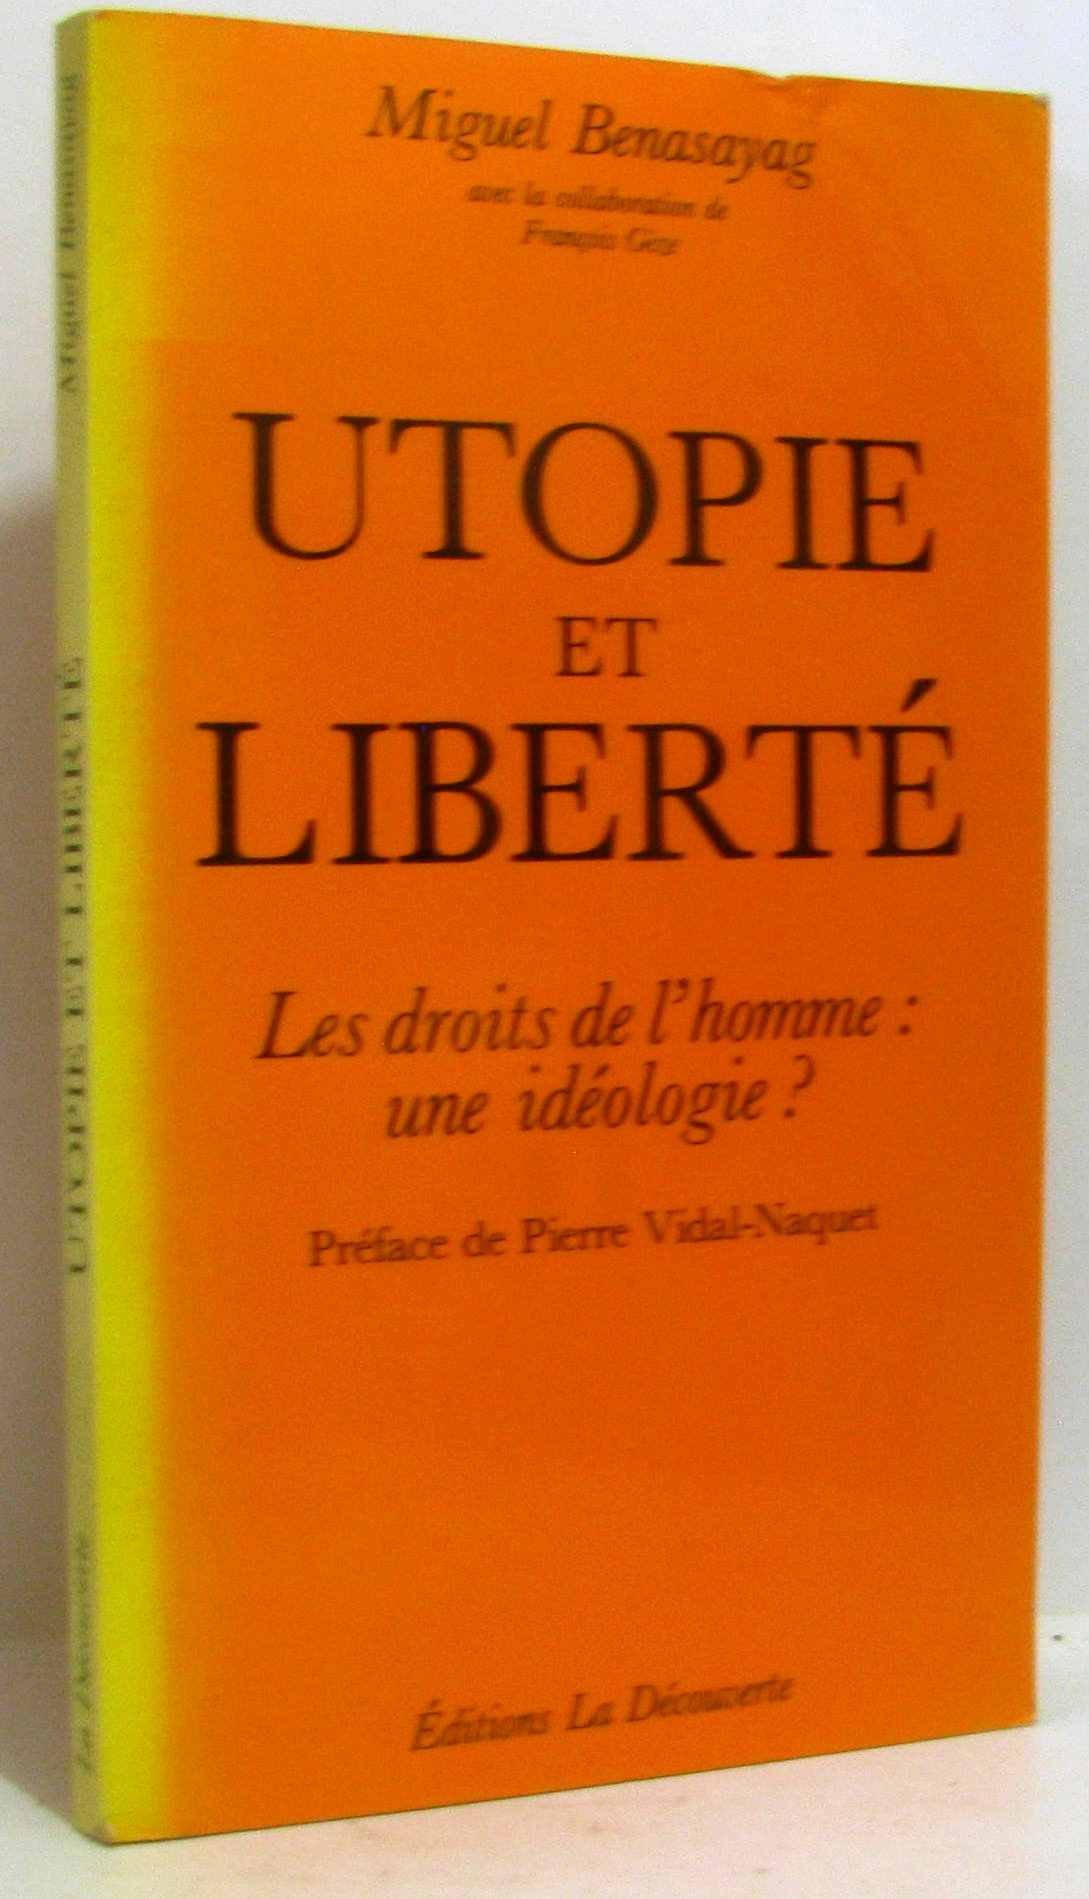 Utopie et liberté : Les droits de l'homme, une idéologie ? Broché – 1 octobre 1986 Miguel Benasayag La Découverte 2707116475 Droits de l' homme